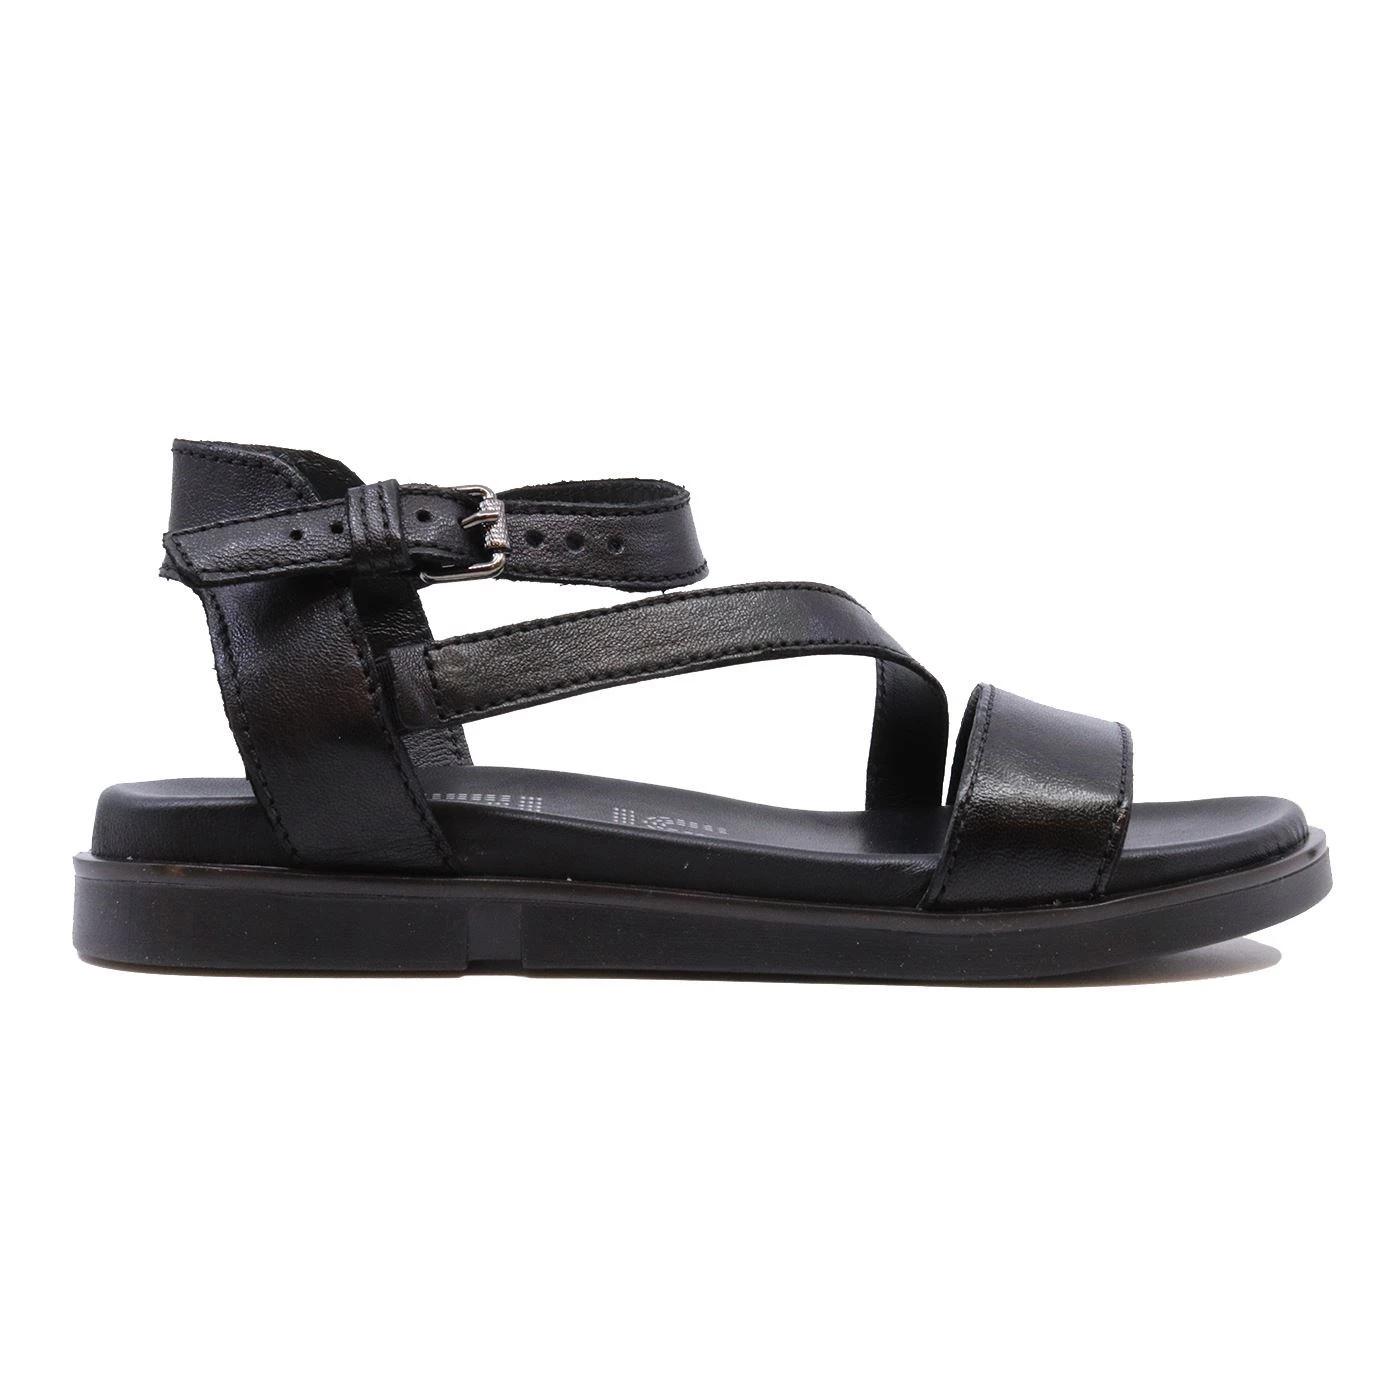 Mjus P07005 sandalo da donna in pelle nera con cintino